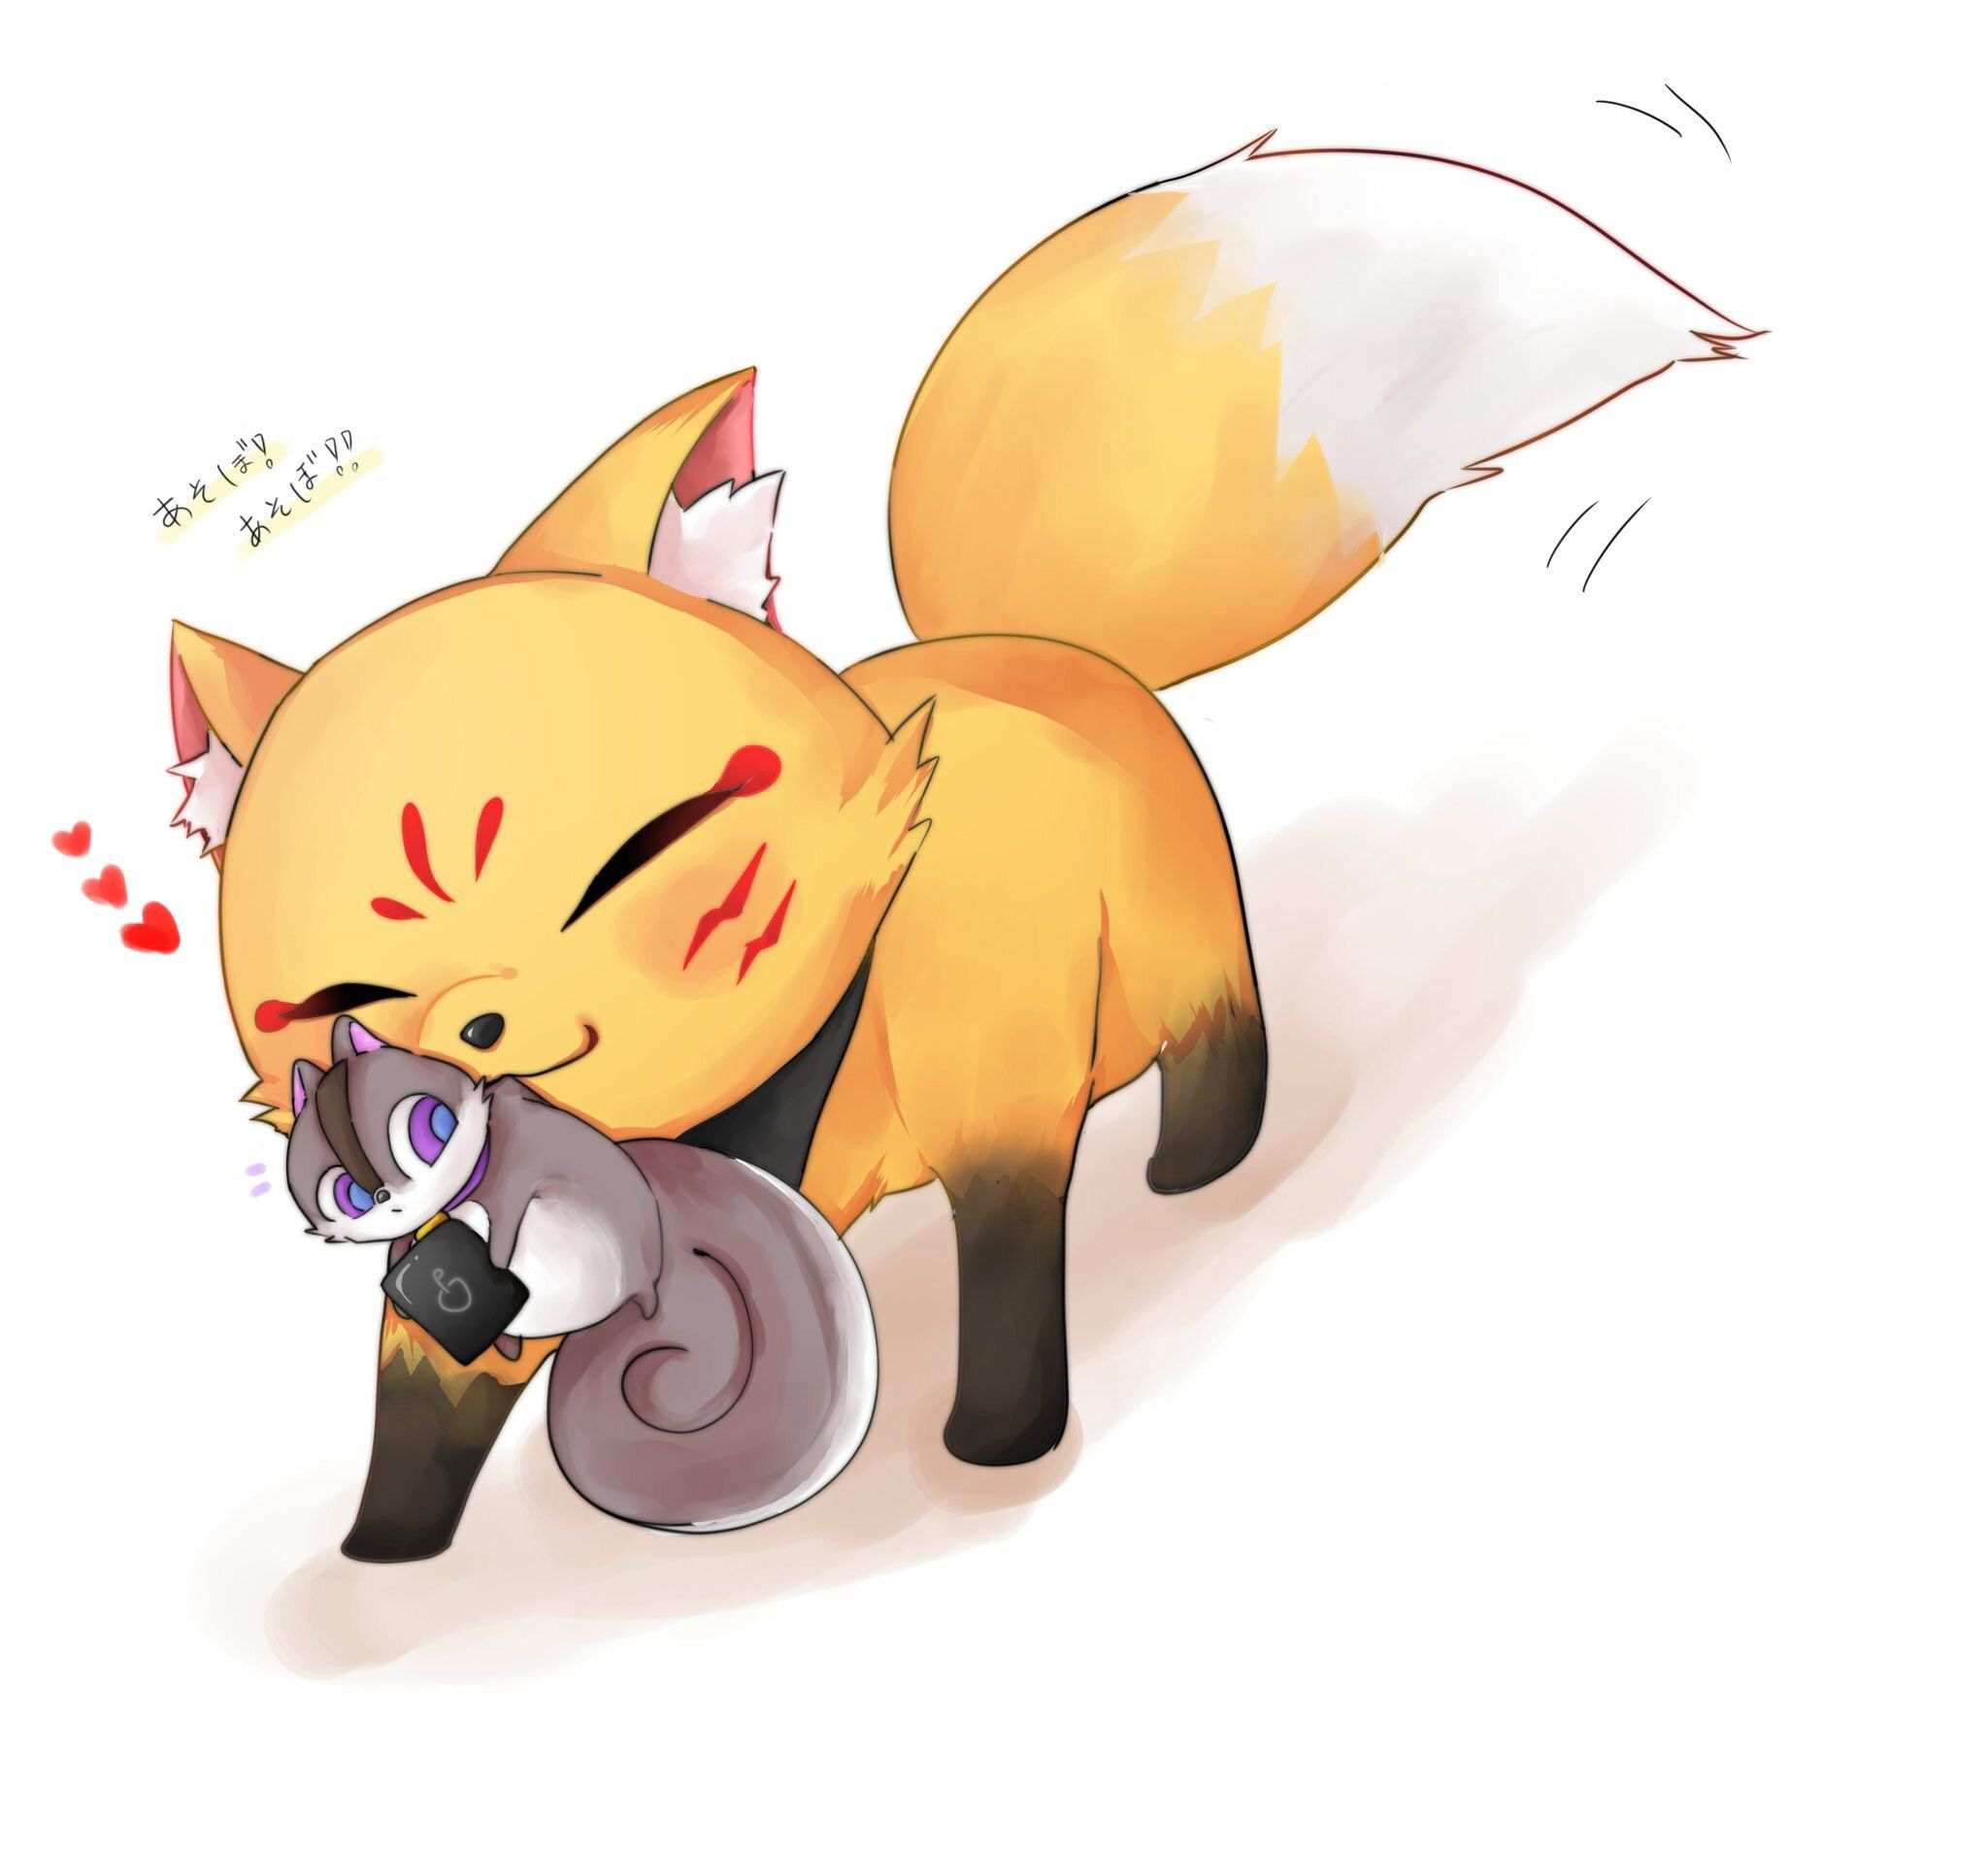 Chibi Anime おしゃれまとめの人気アイデア Pinterest Areen San 志麻 イラスト 猫のイラスト センラ イラスト